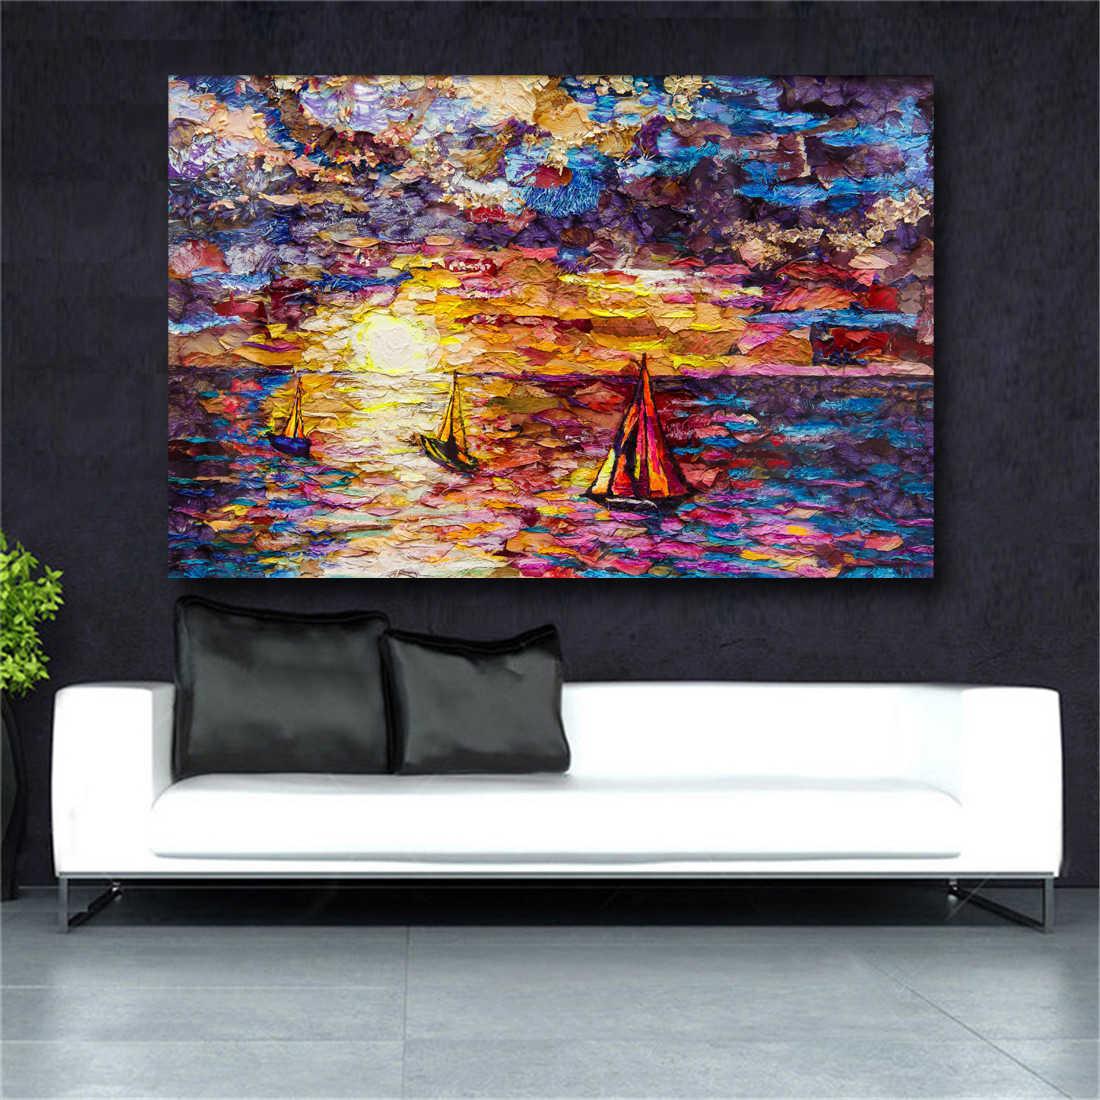 שיט מופשטים בד ציור קיר אמנות בעלי החיים שמן ציורי ענק גודל קיר הדפסי כרזות לסלון